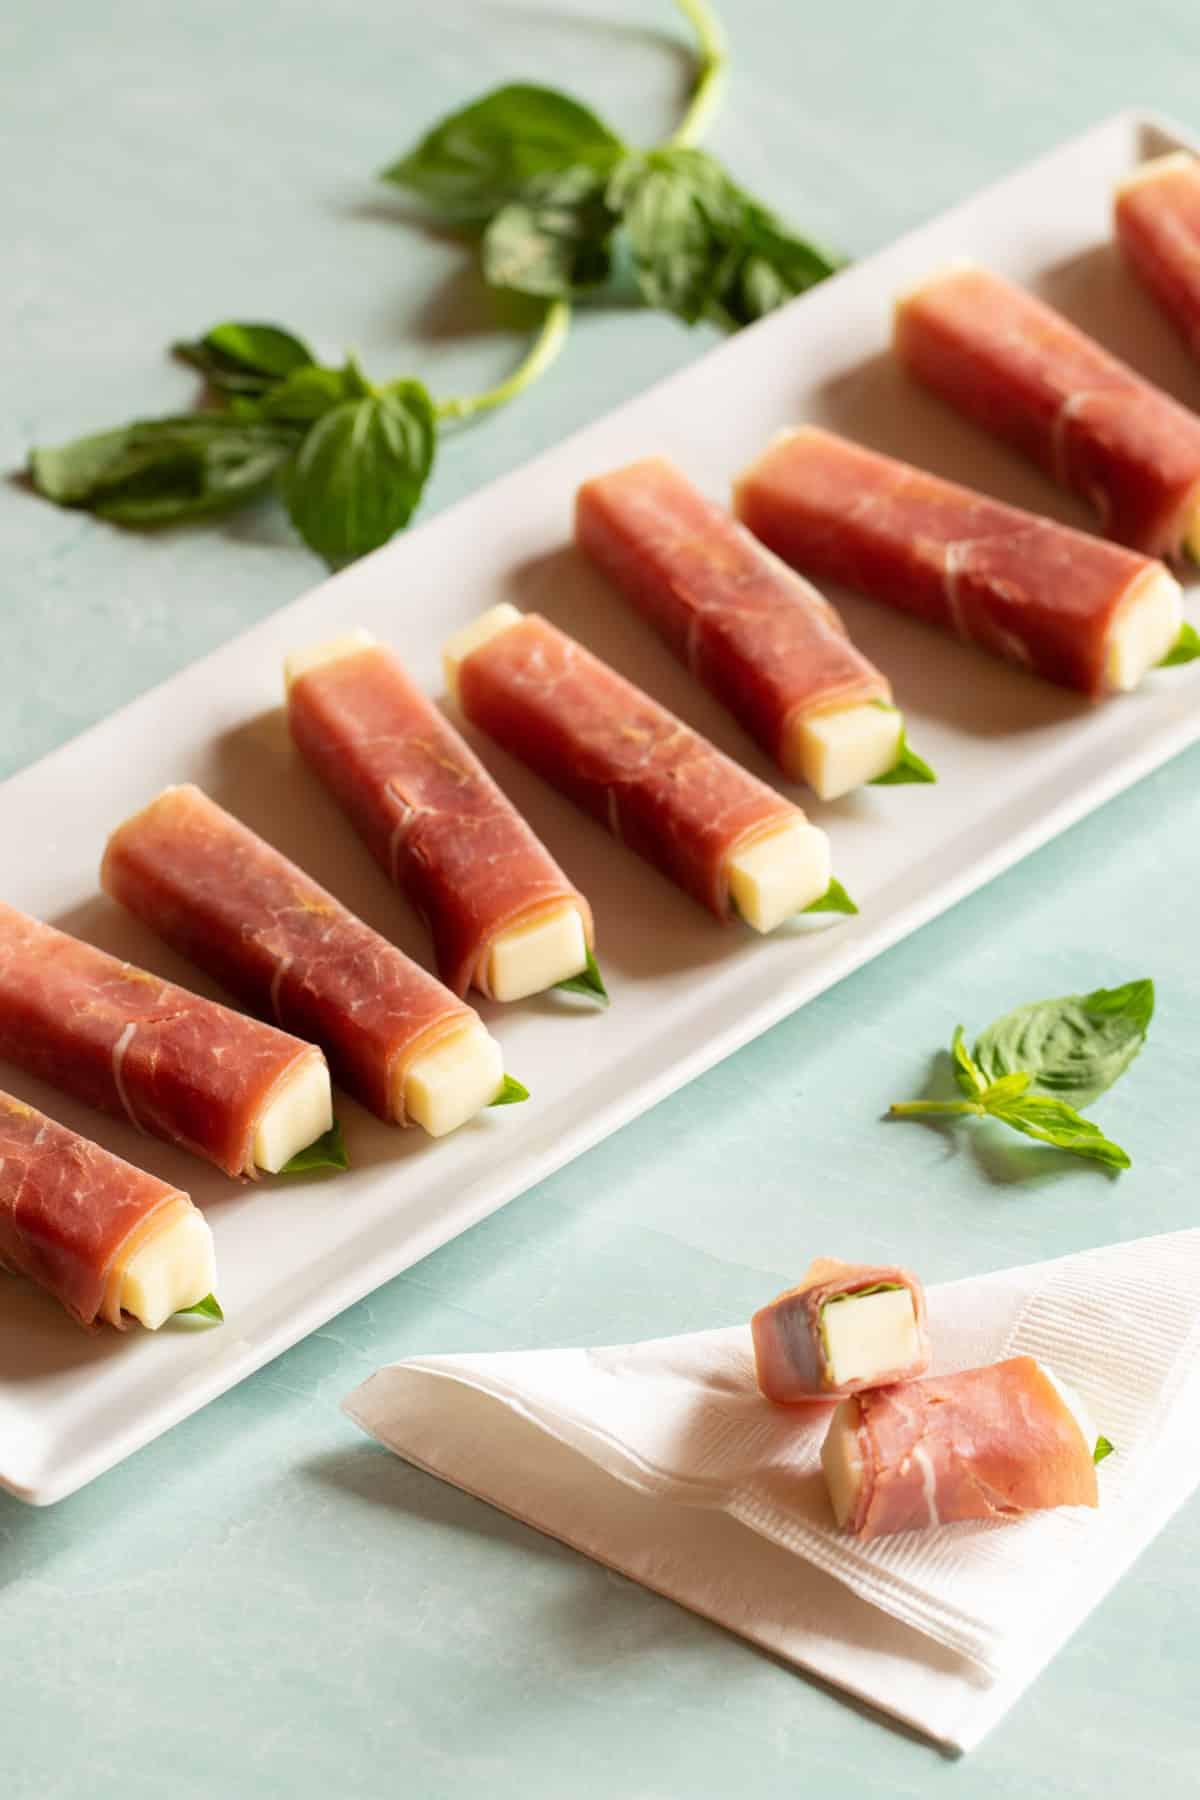 White rectangular platter filled with Prosciutto-Wrapped Smoked Mozzarella Sticks